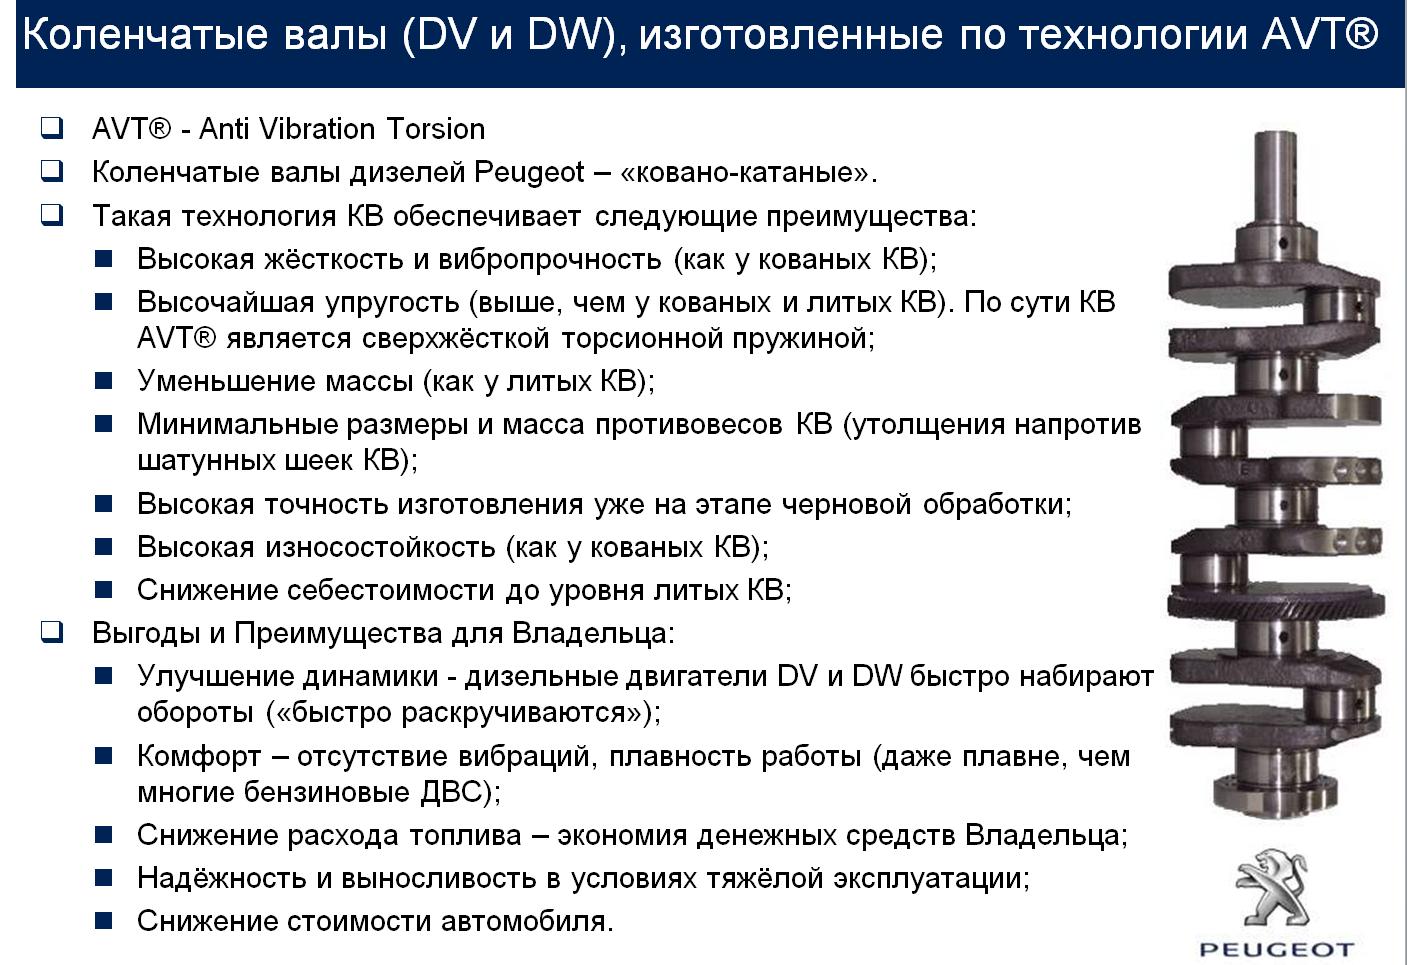 no_copyright (4)